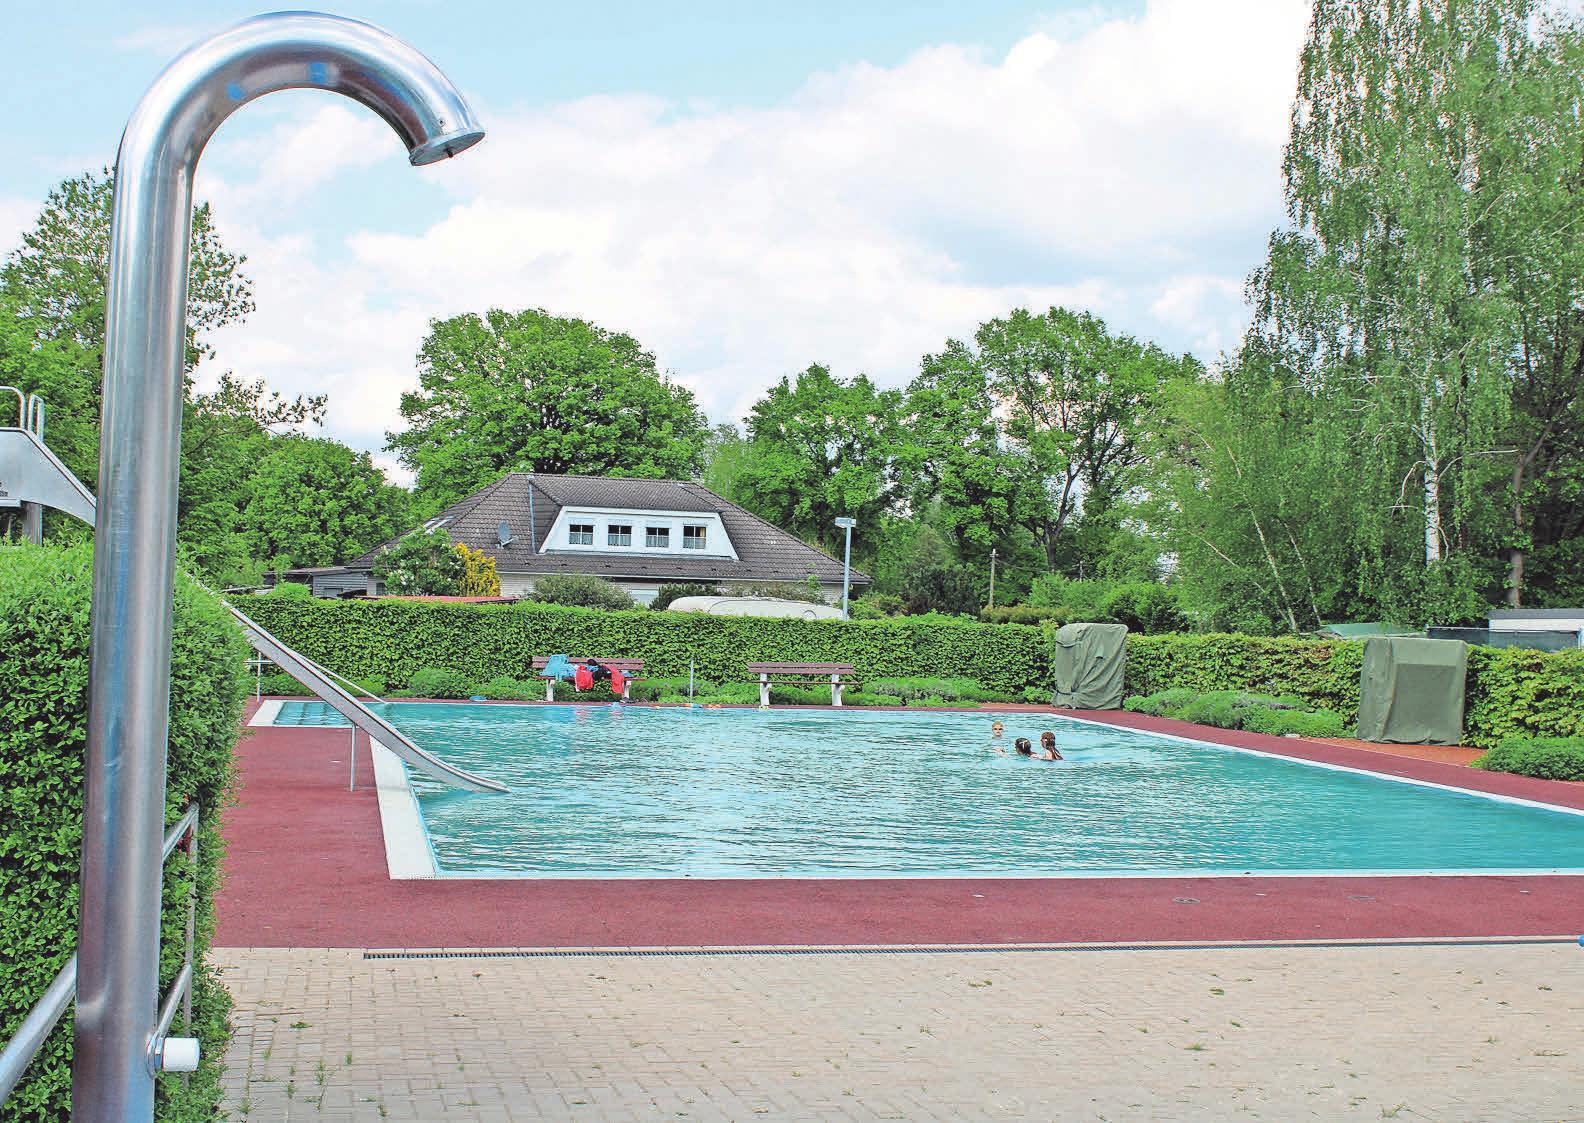 Das Nichtschwimmerbecken bildet eine separate Zone: Ideal für Familien mit Kindern.